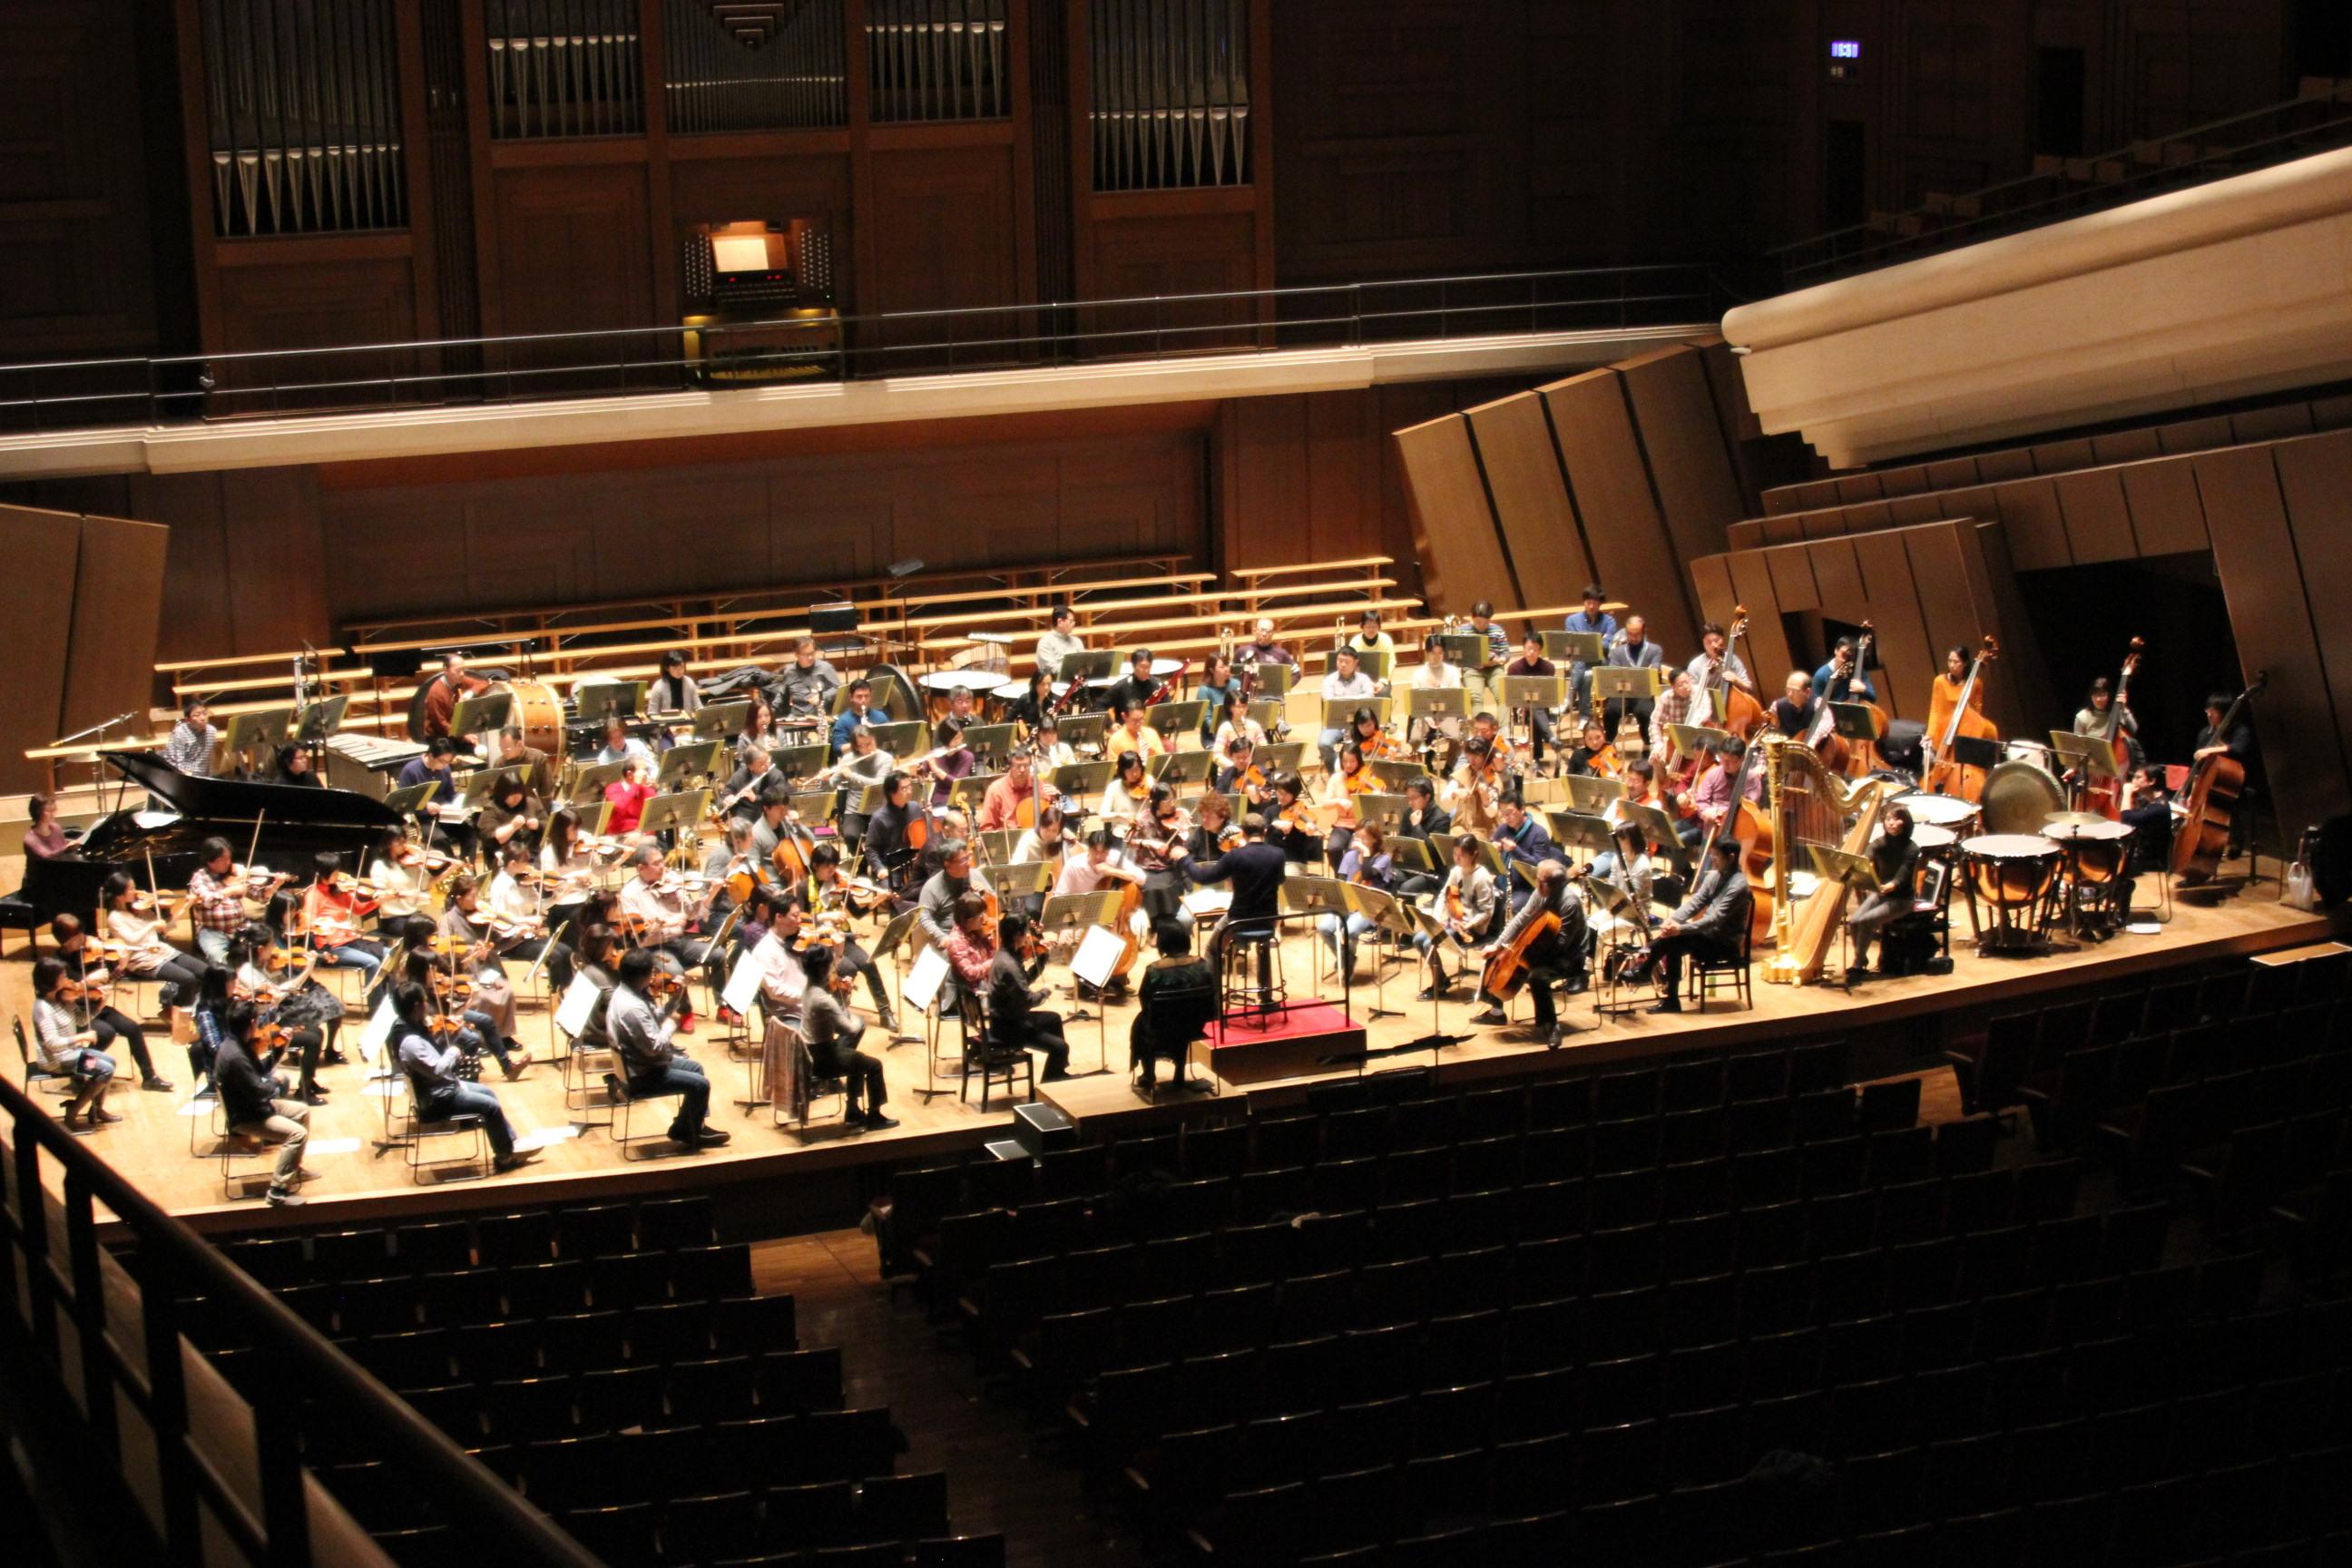 ステージ全景(新日本フィルハーモニー交響楽団 提供)